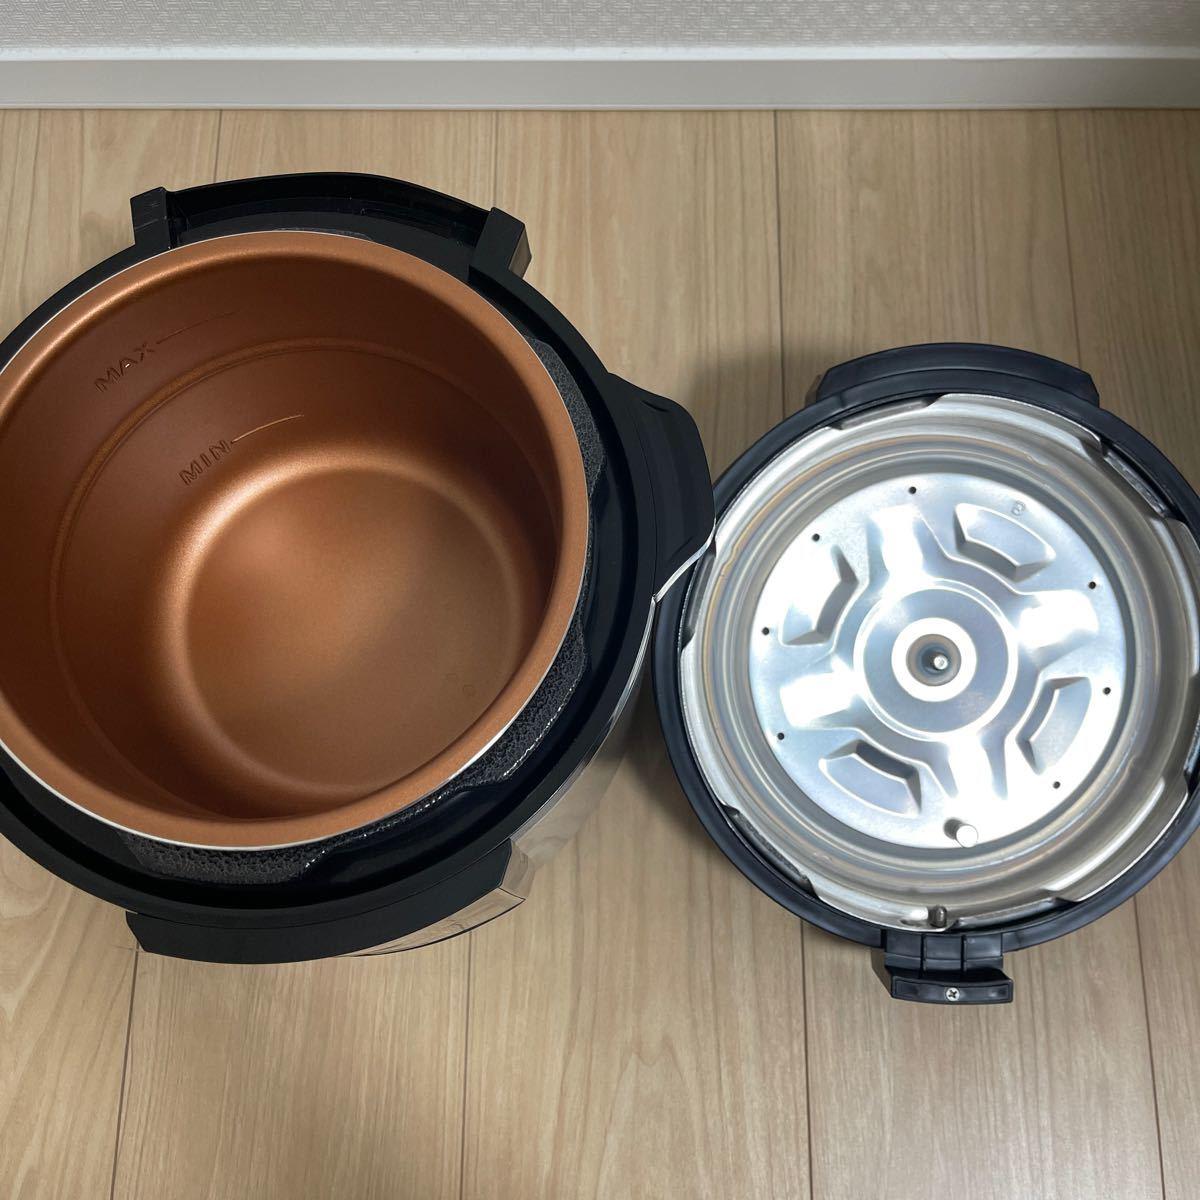 電気圧力鍋 プレッシャーキングプロ